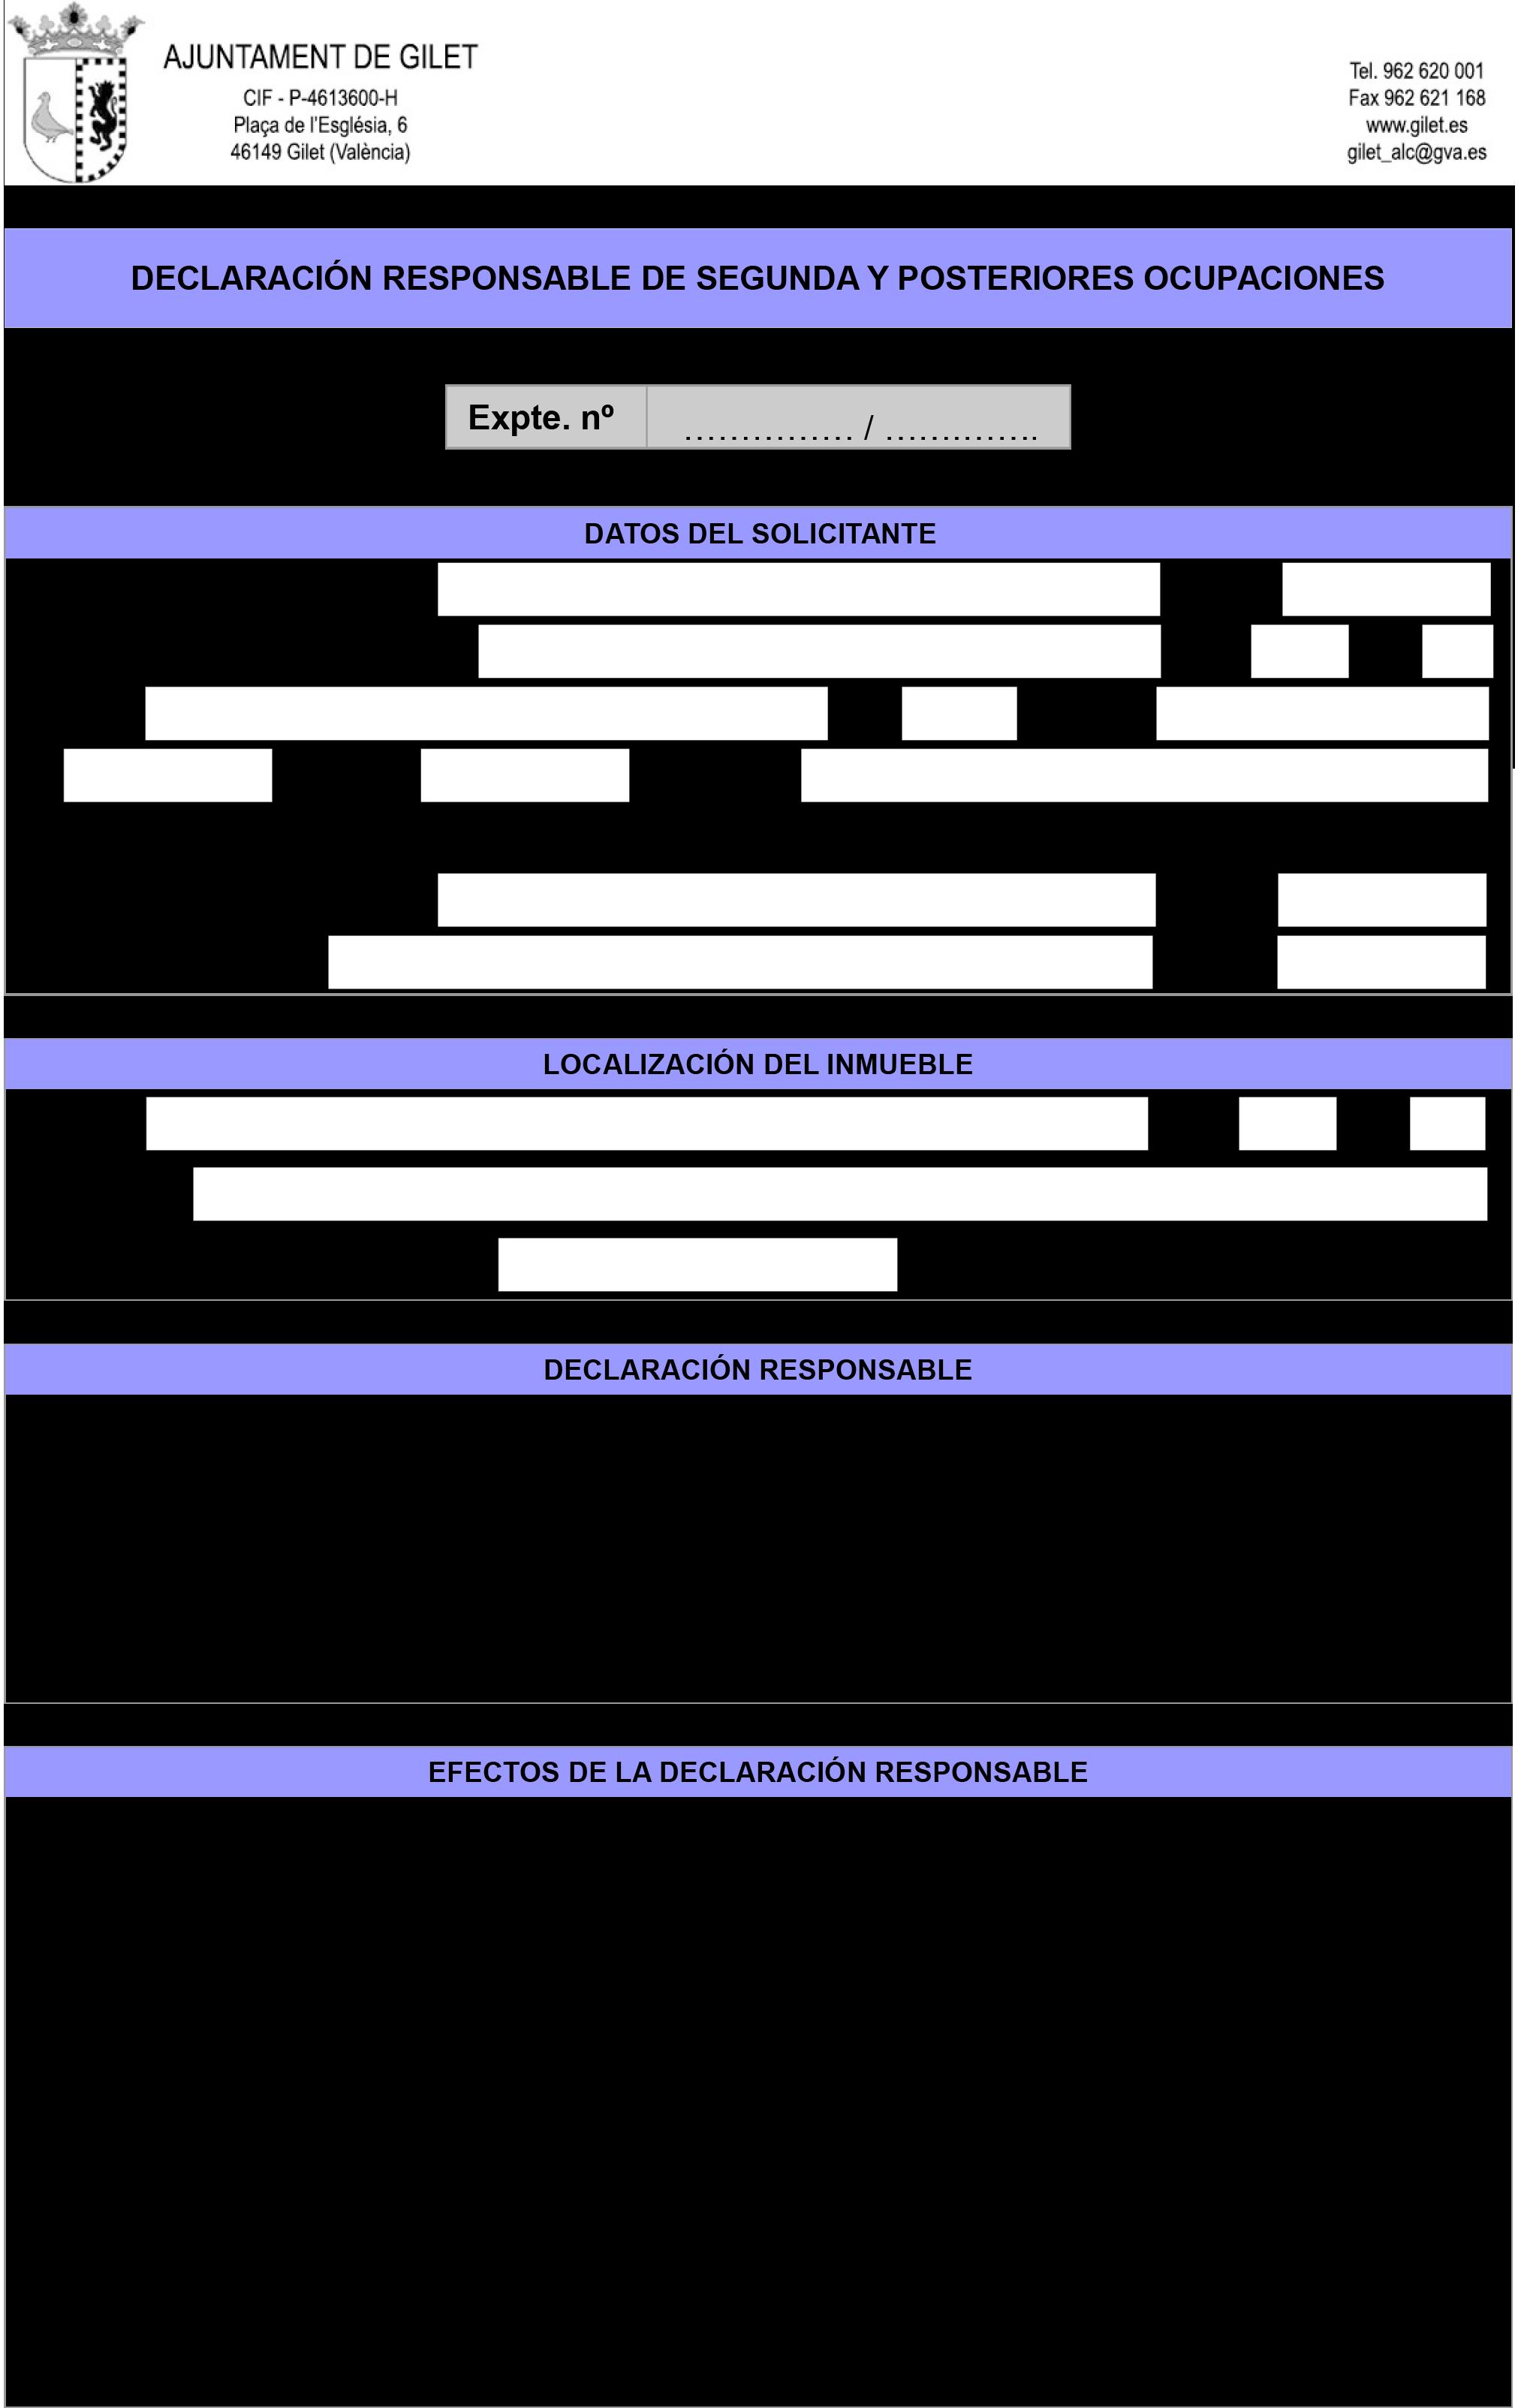 declaracion_responsable_de_segunda_y_posteriores_ocupaciones-GILET-1